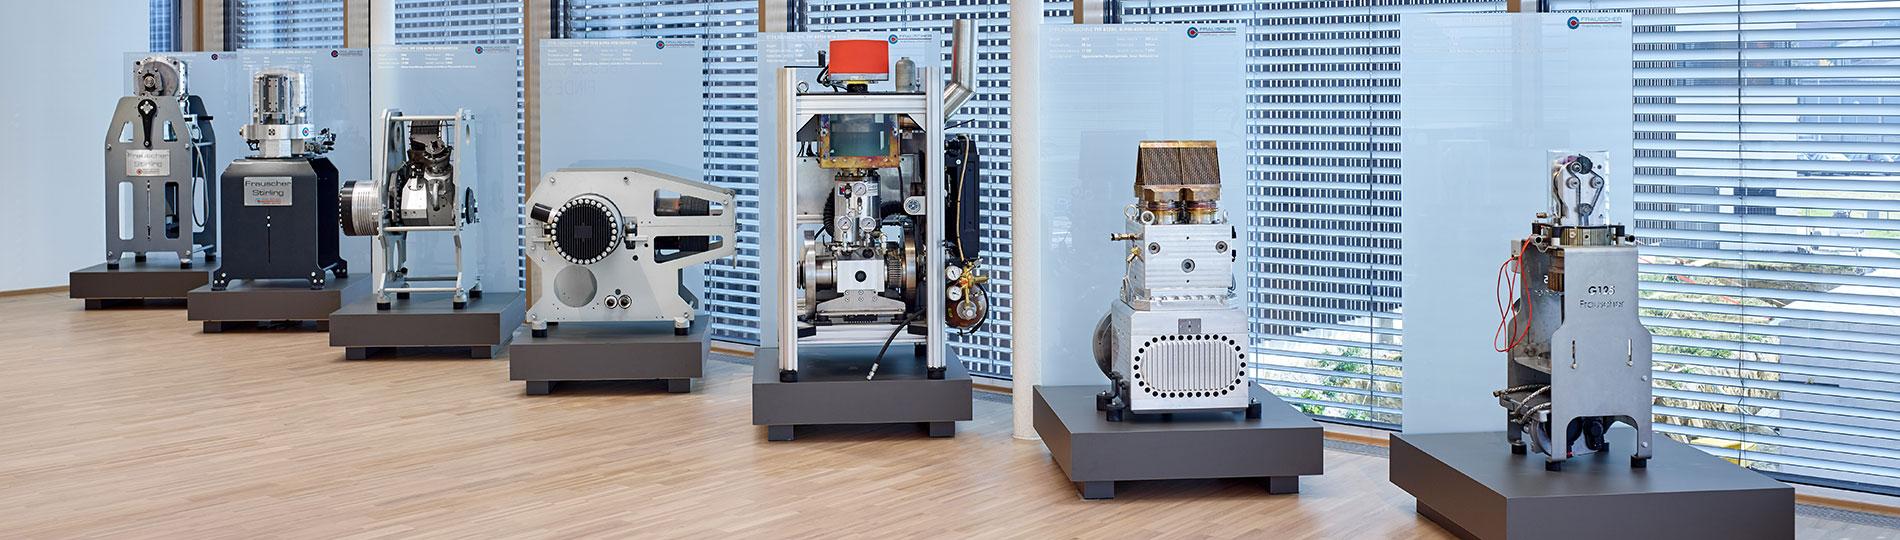 Frauscher Prototypen von Stirlingmotoren